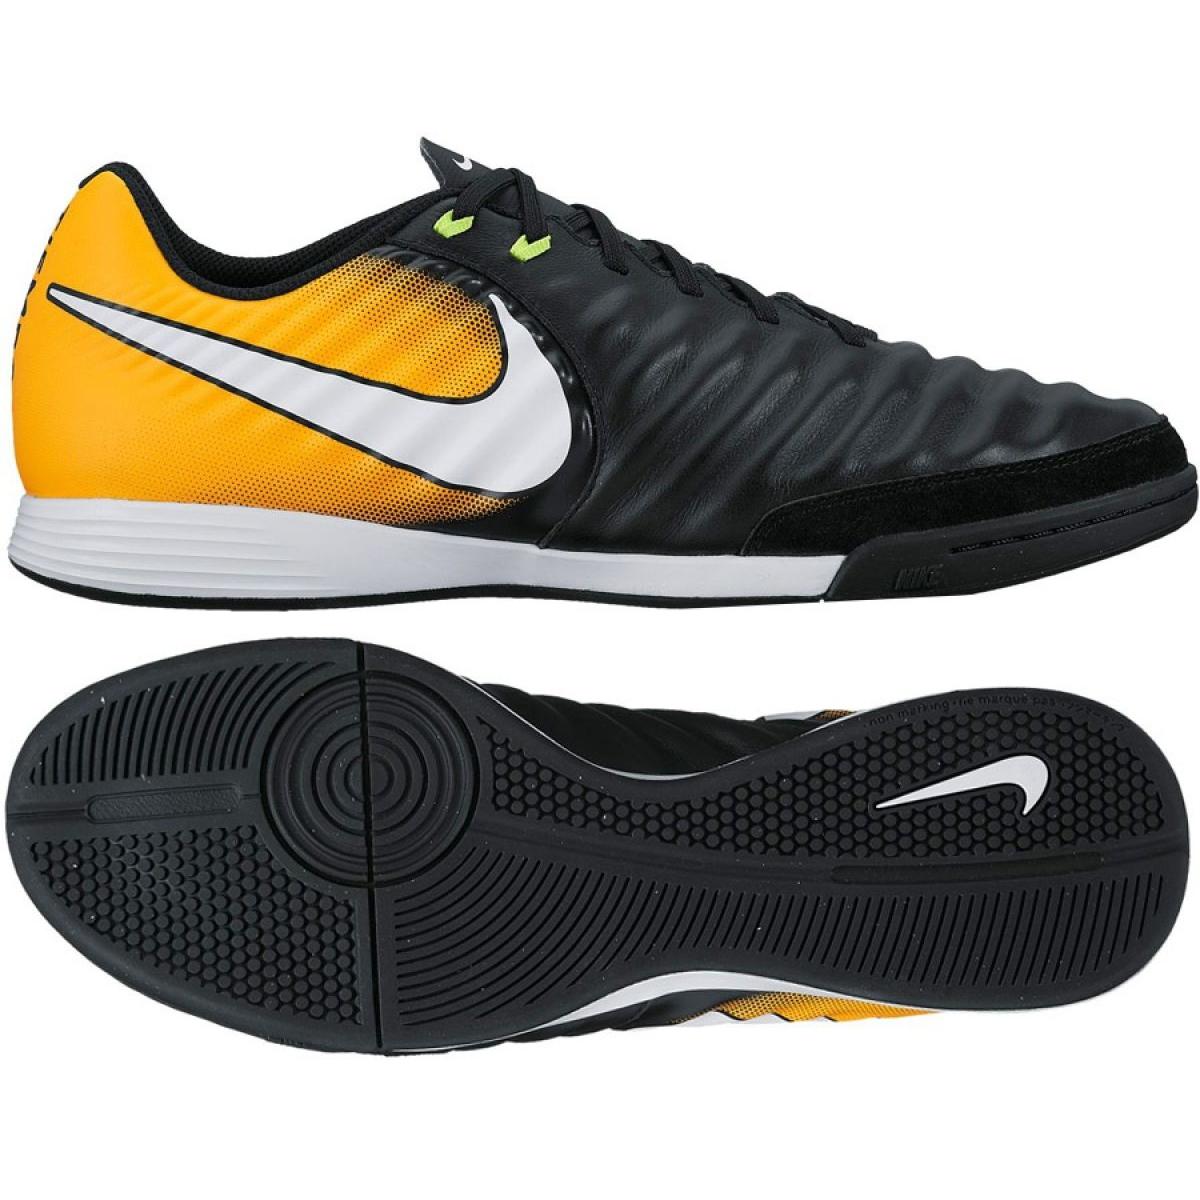 Nike TIEMPOX LIGERA IV IC Botas de fútbol sin tacos Niño